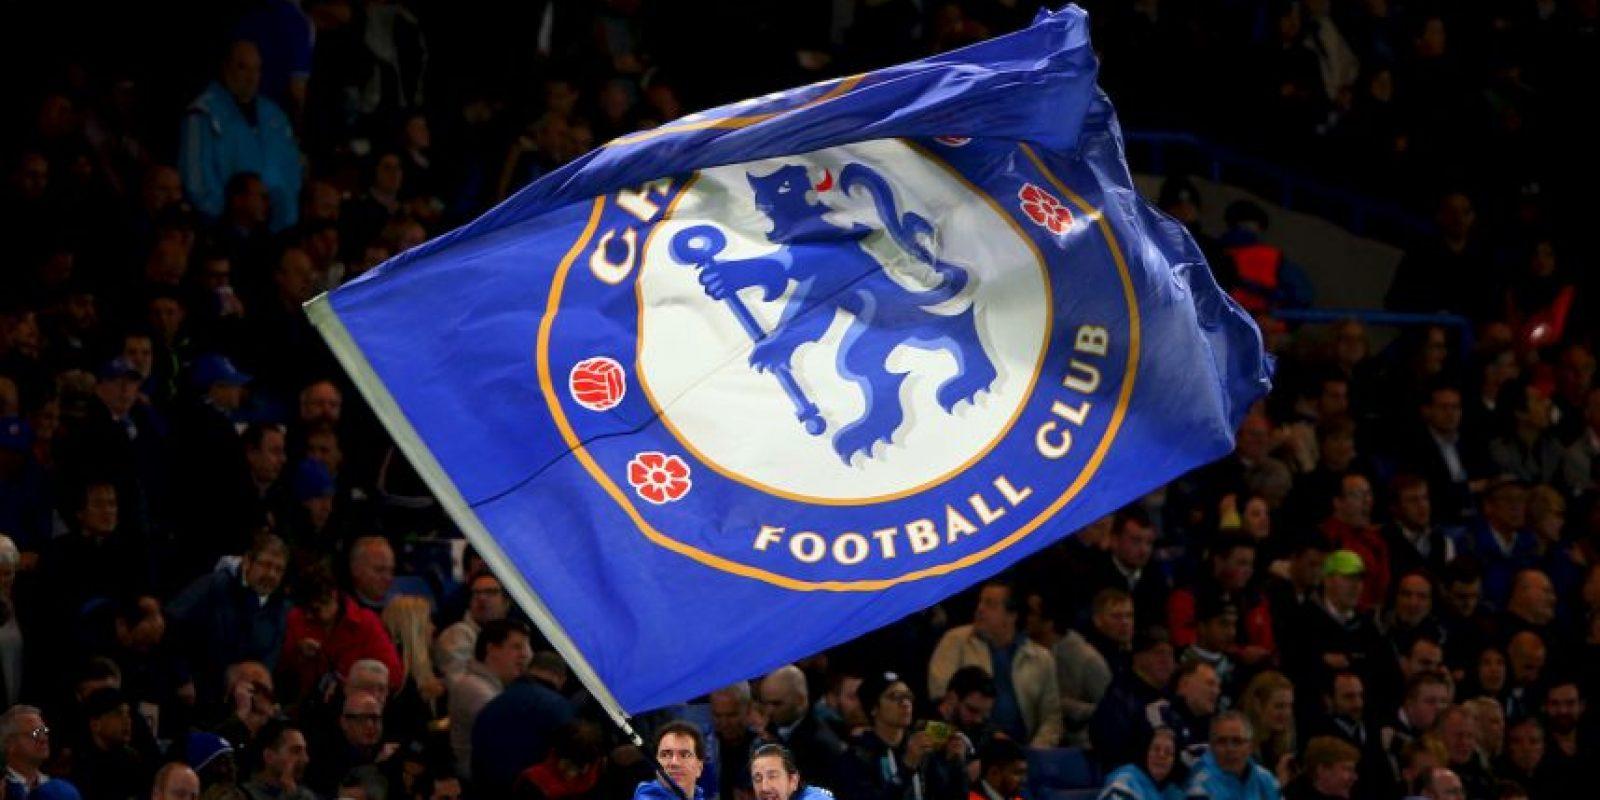 Chelsea continúa su participación en la Champions League con la visita al Porto. Foto:Getty Images